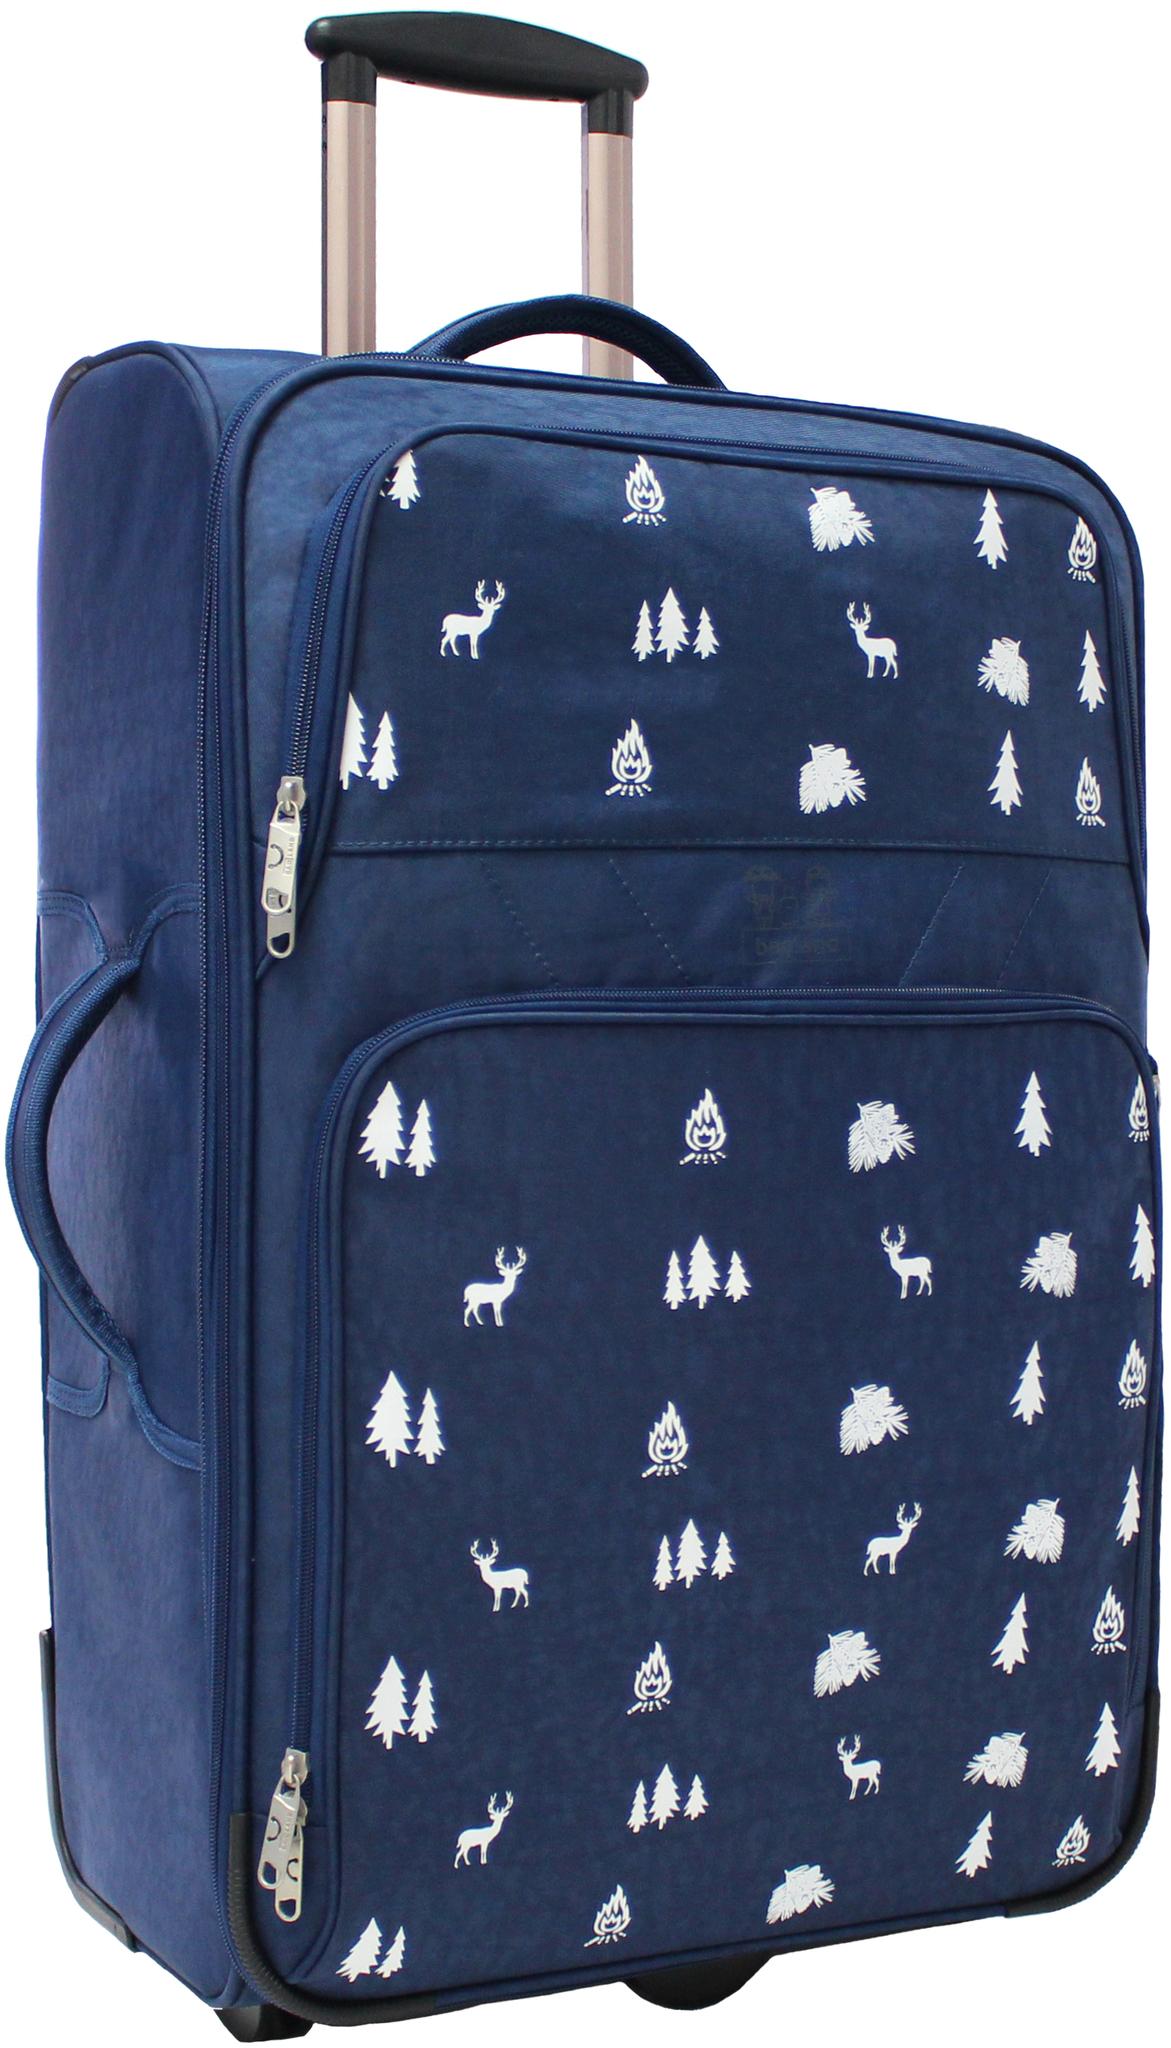 Дорожные чемоданы Чемодан Bagland Леон большой 70 л. 225 синій/олені (003767027) IMG_5356.JPG